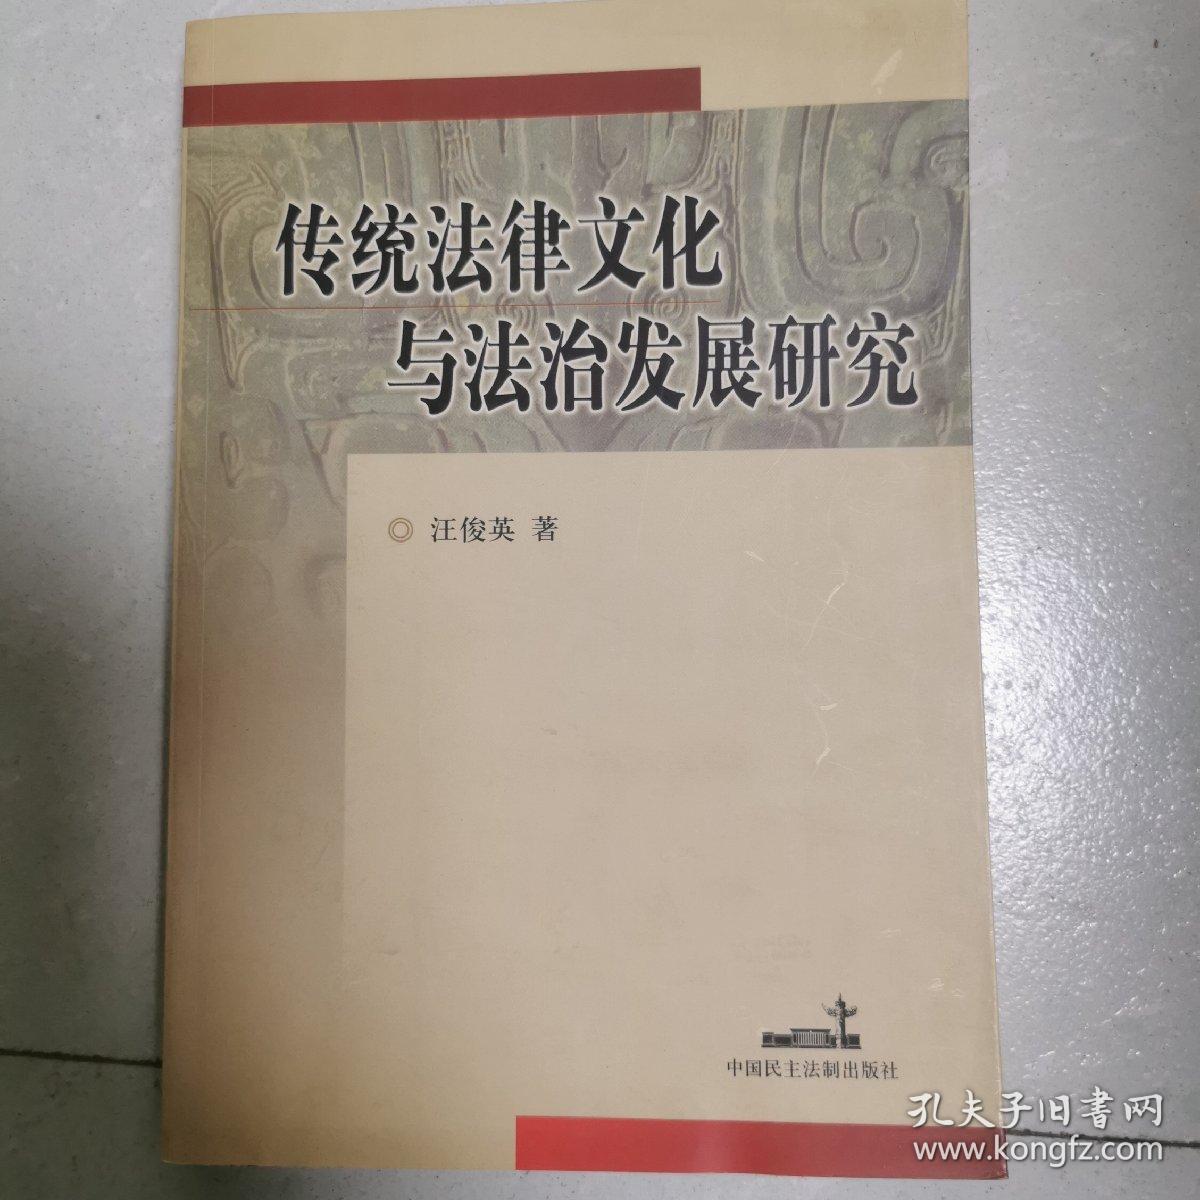 传统法律文化与法治发展研究(作者鉴赠本)